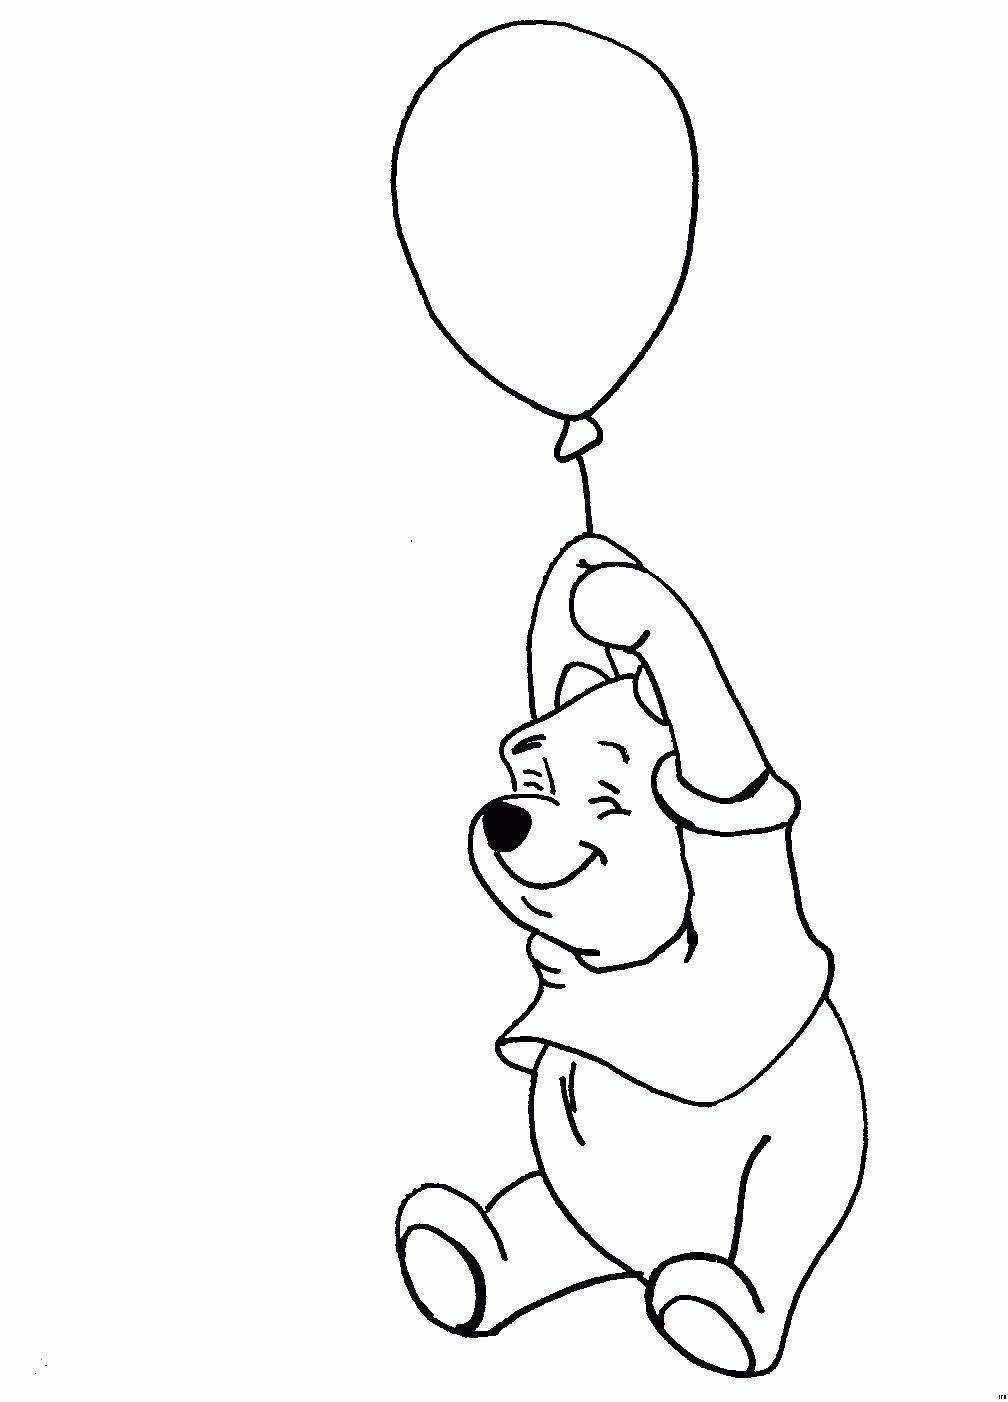 Malvorlagen Winnie Pooh Genial Ausmalbilder Winnie Pooh Genial Winnie the Pooh Christmas Coloring Bild